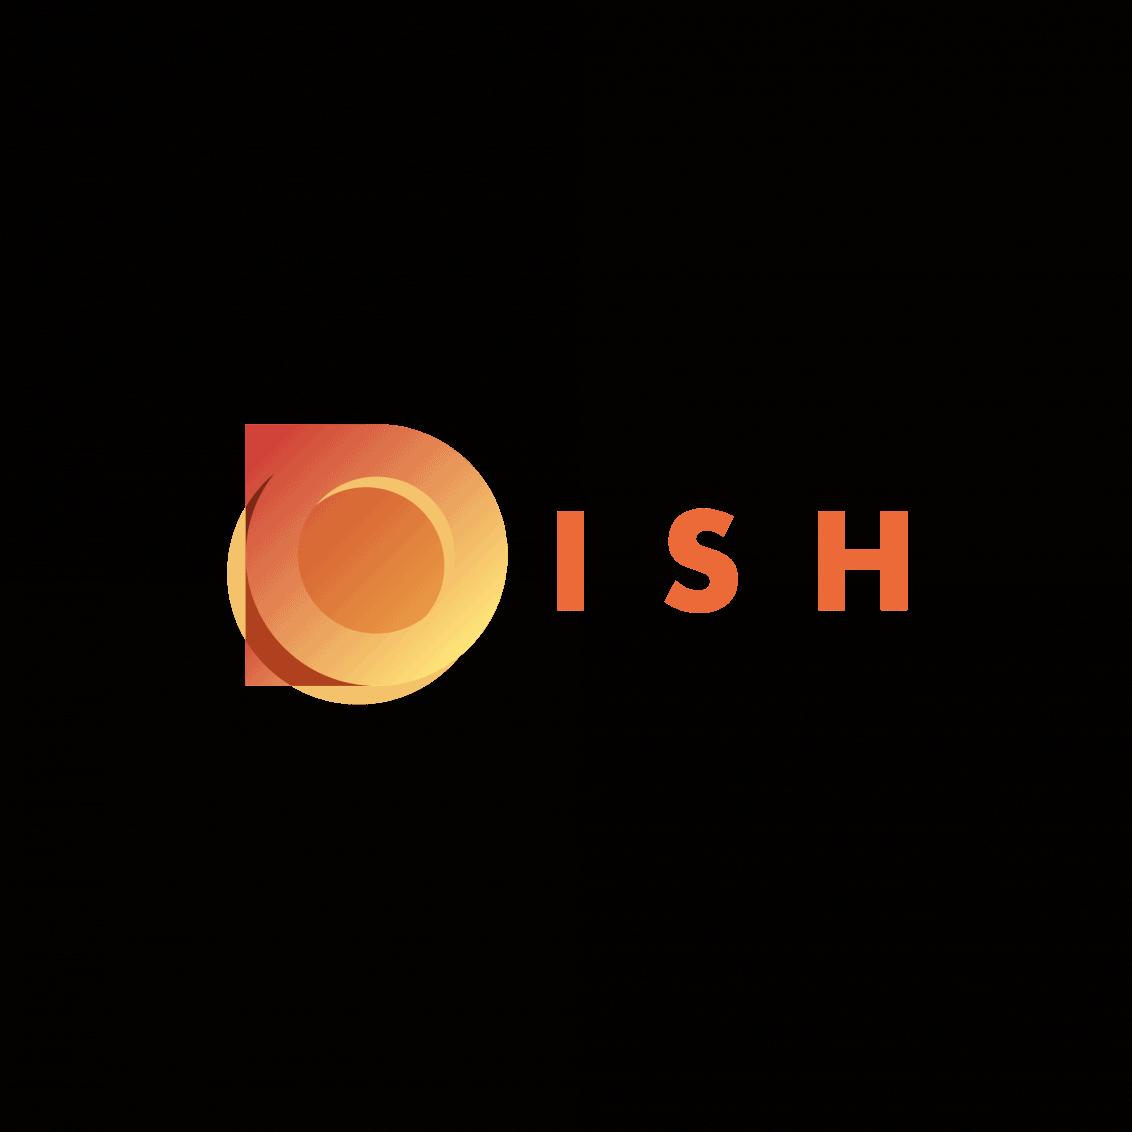 Dish-Logo-1132x1132